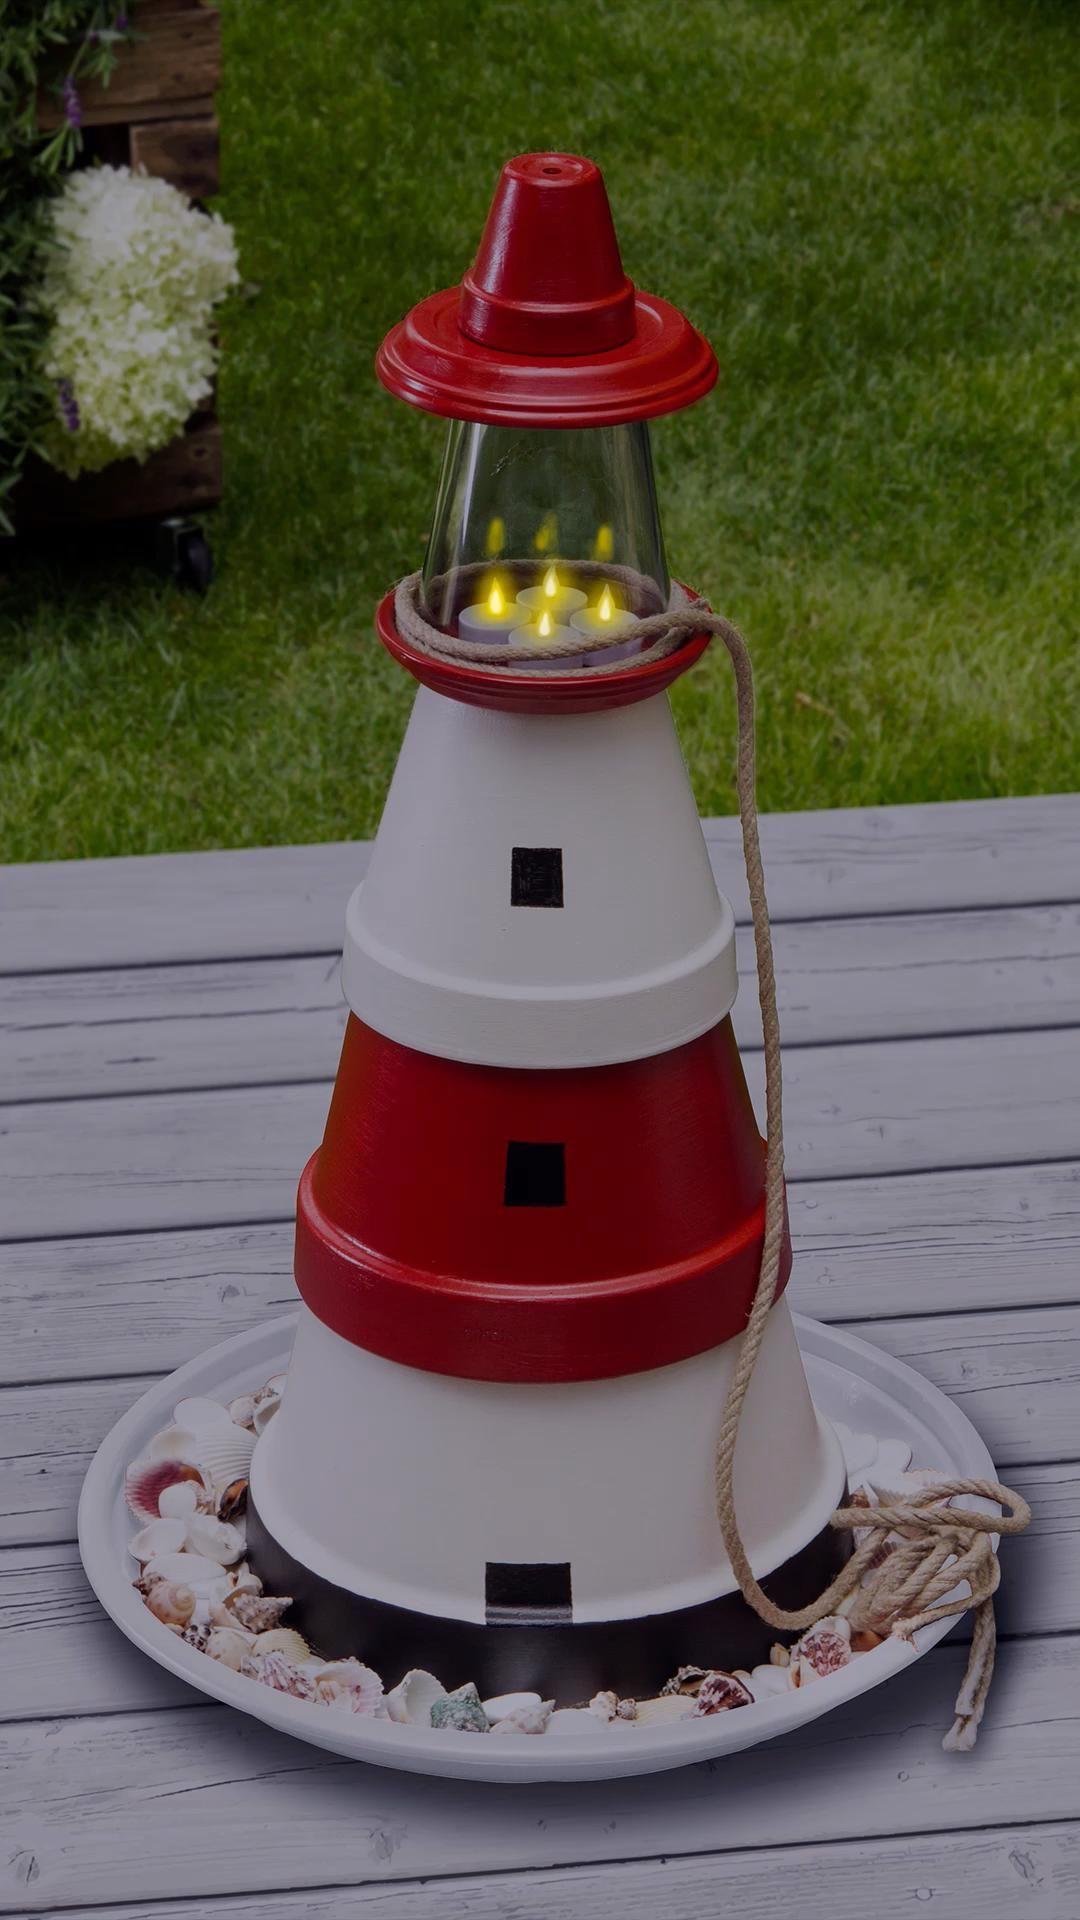 Maritime Gartendeko Bringt Urlaubsflair Ins Eigene Zuhause In Unserer Bastelanleitung Zeigen Wir Dir Wie Du Aus Einfachen Tontopfen Einen Leuchtturm Mit Rich In 2020